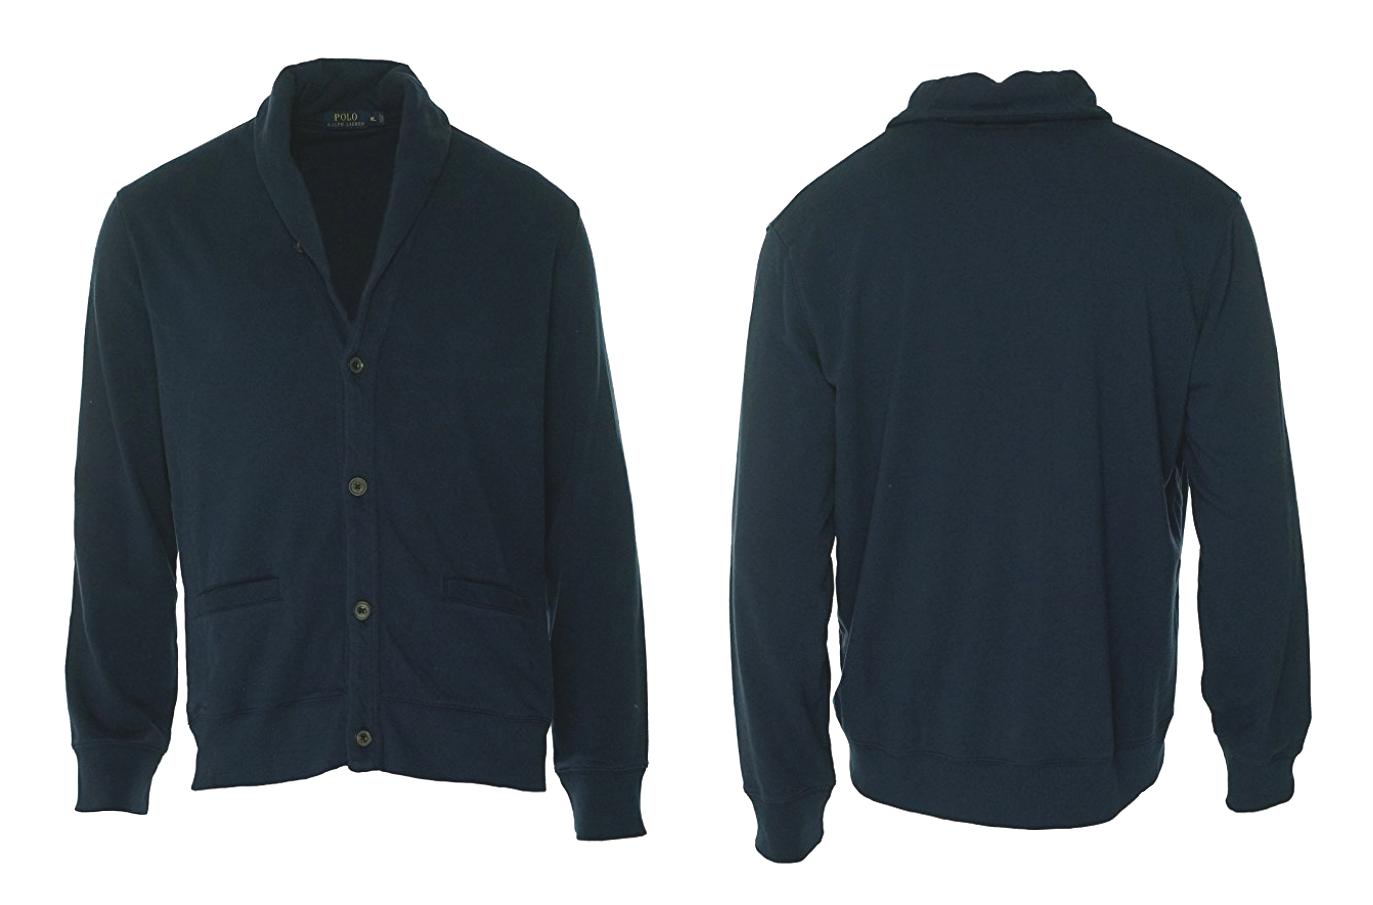 $165 Polo Ralph Lauren Mens Fleece Cardigan Button-Down Shirt, Navy, L.